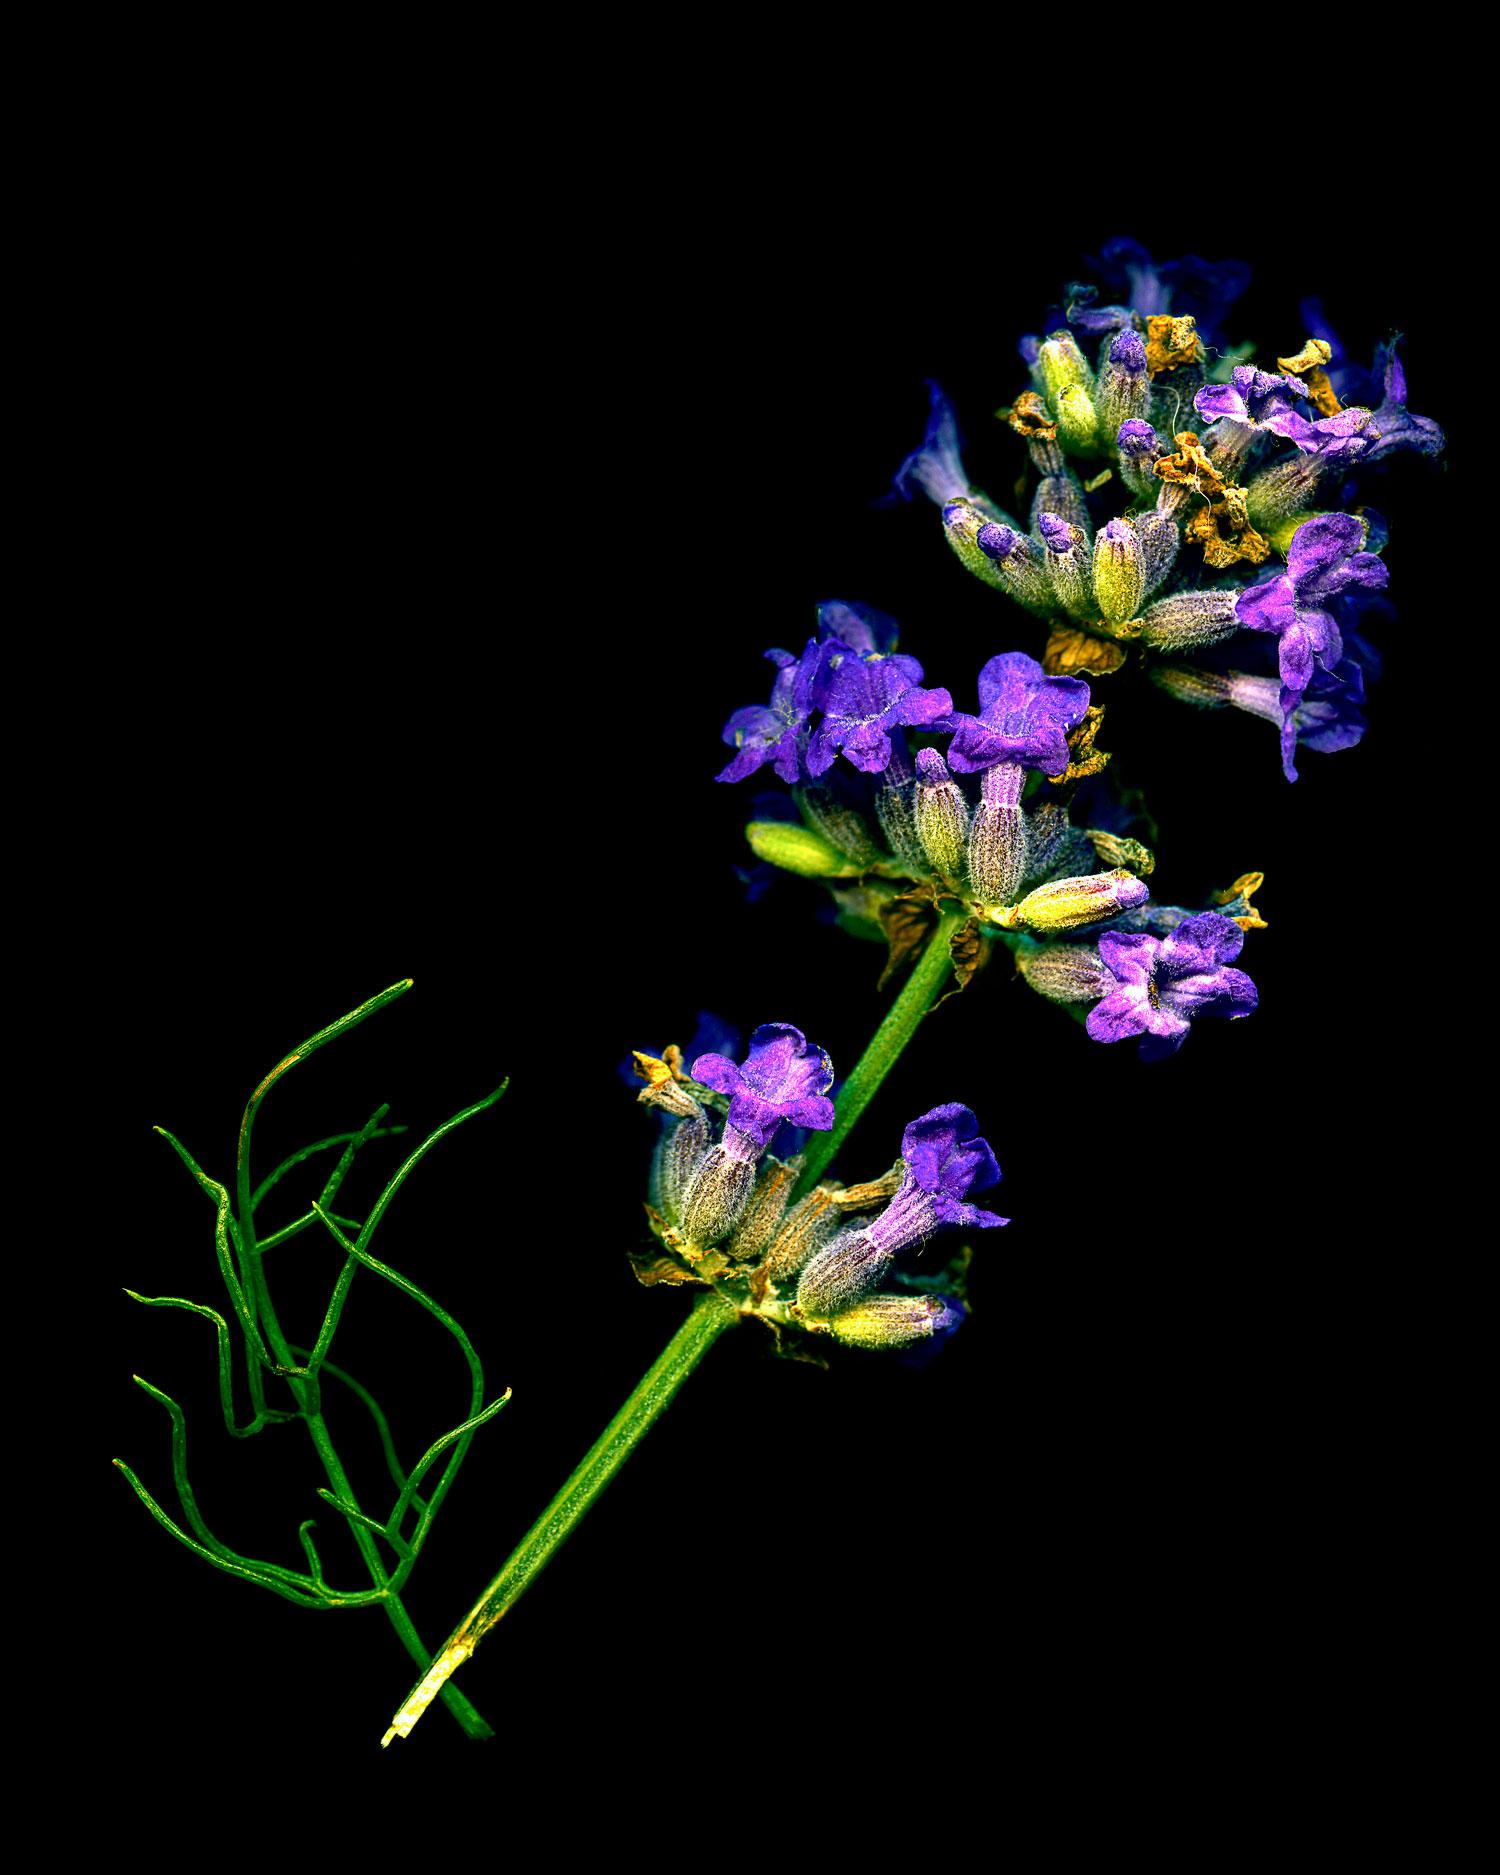 flowers007.jpg